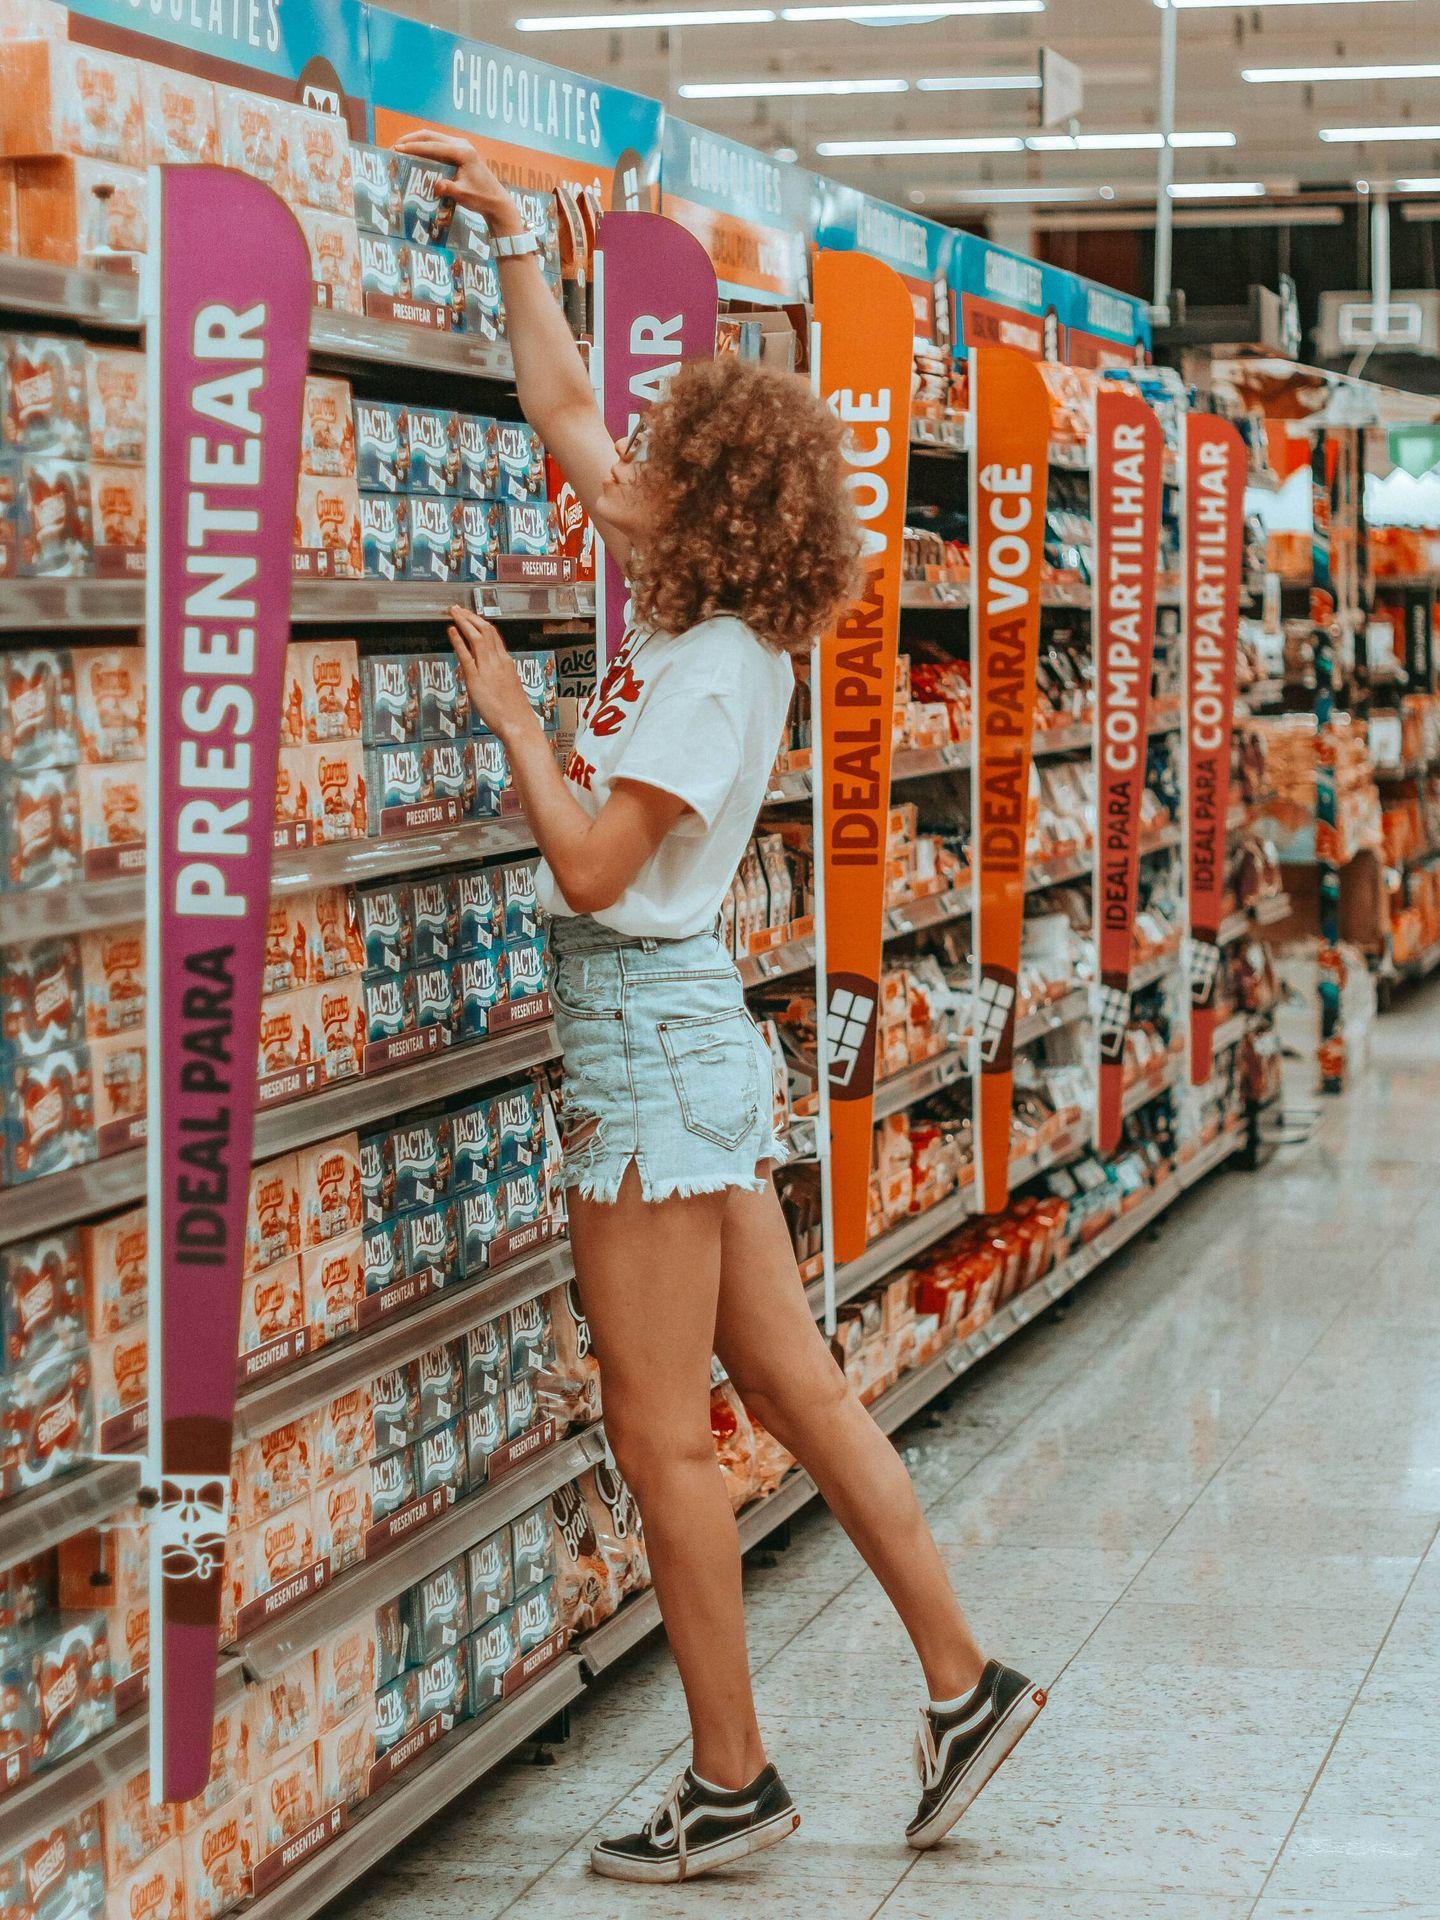 Consejos para hacer la compra cuando quieres adelgazar. (Allef Vinicius para Unsplash)